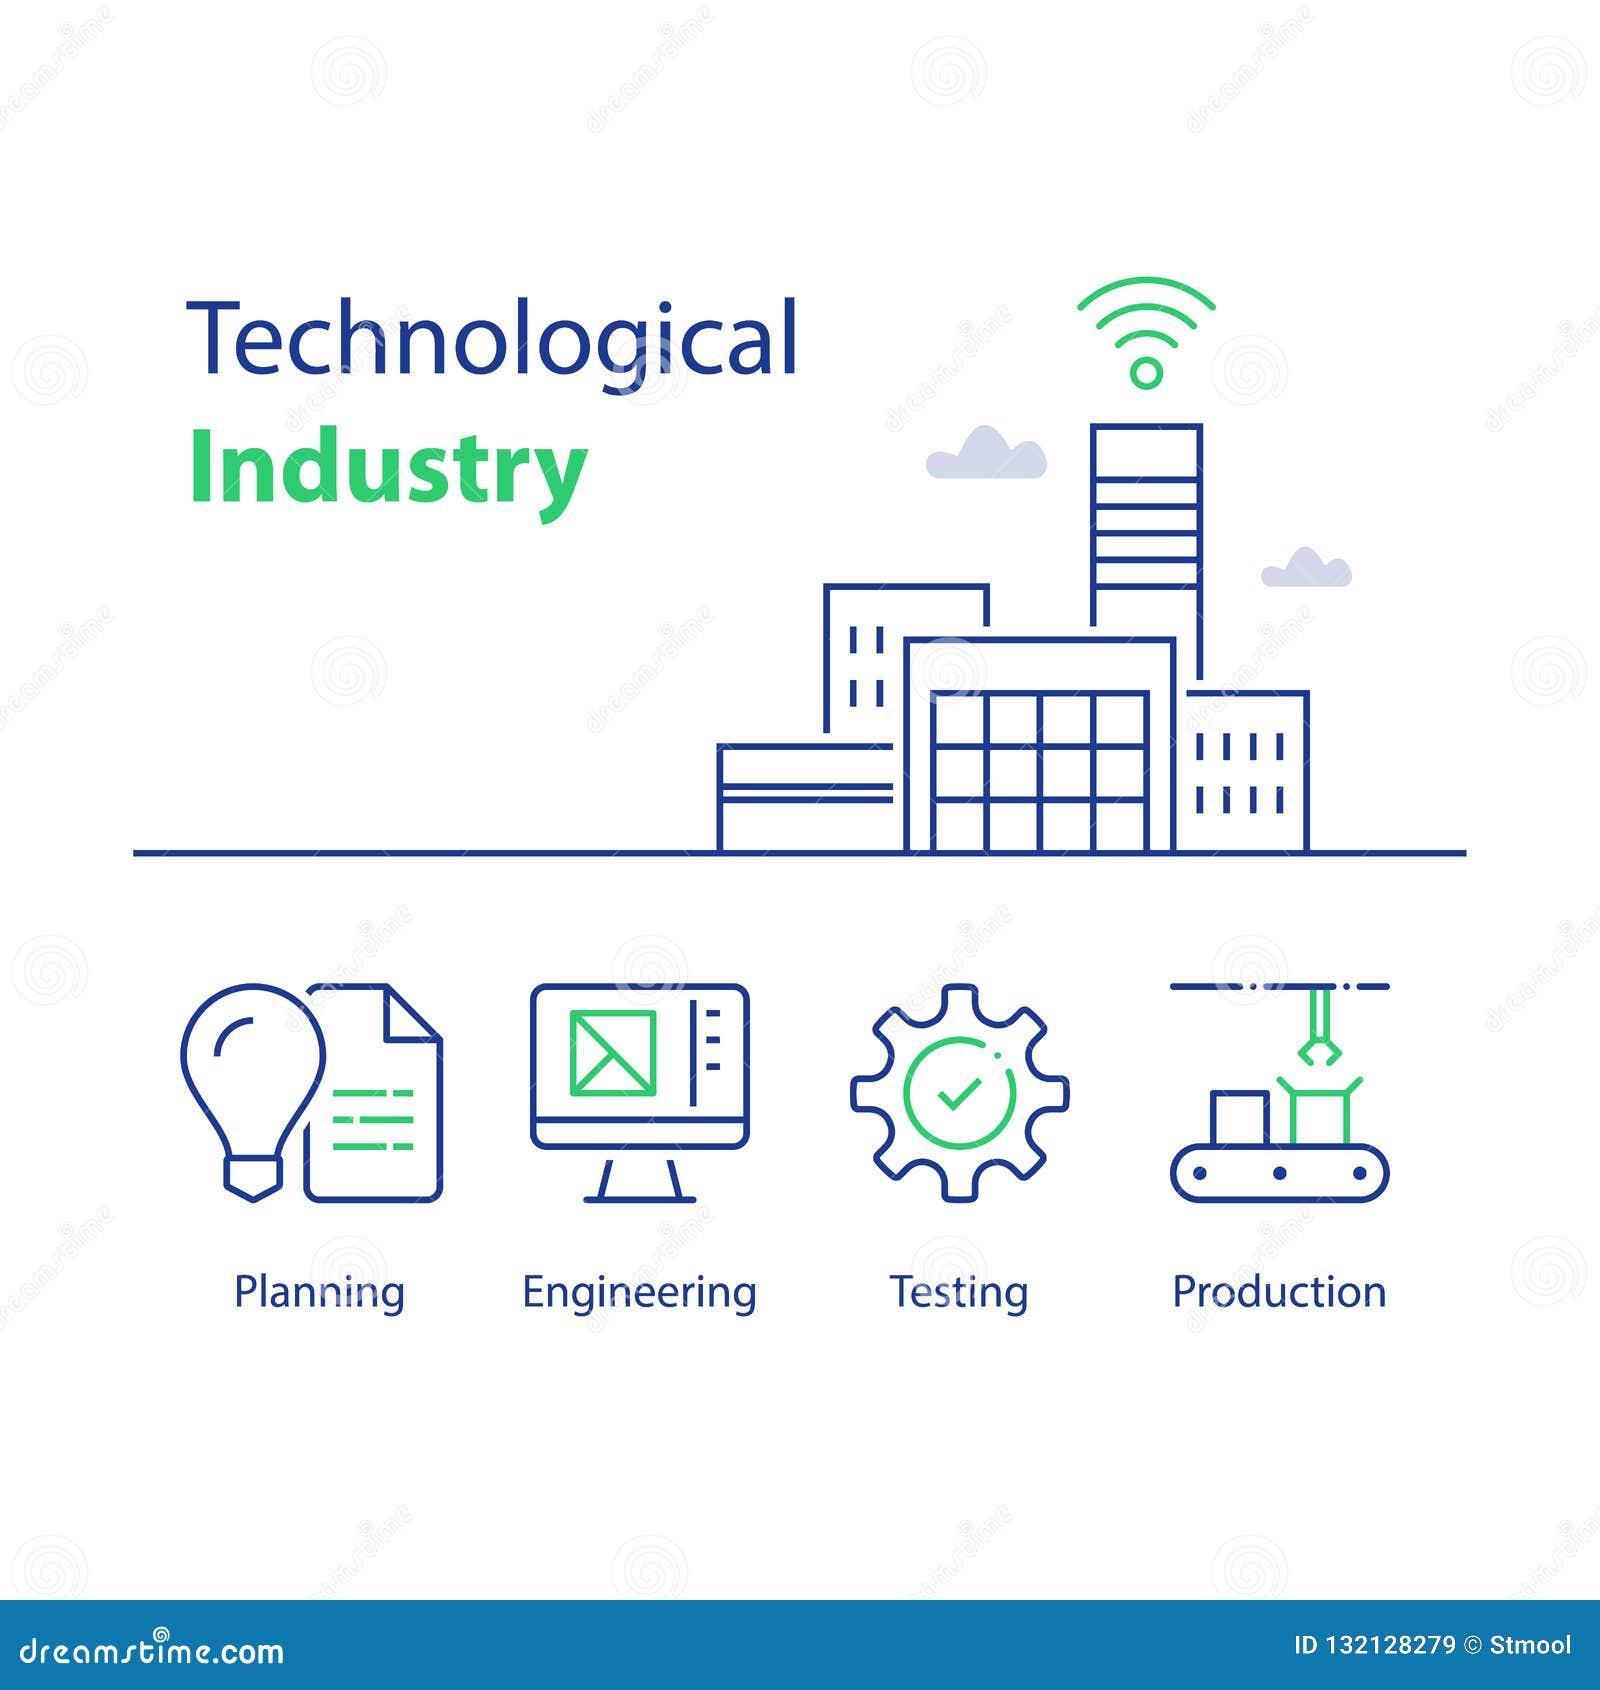 Современное здание фабрики, технологическая индустрия, автоматизированная продукция, умное решение, сборочный конвейер, проверка